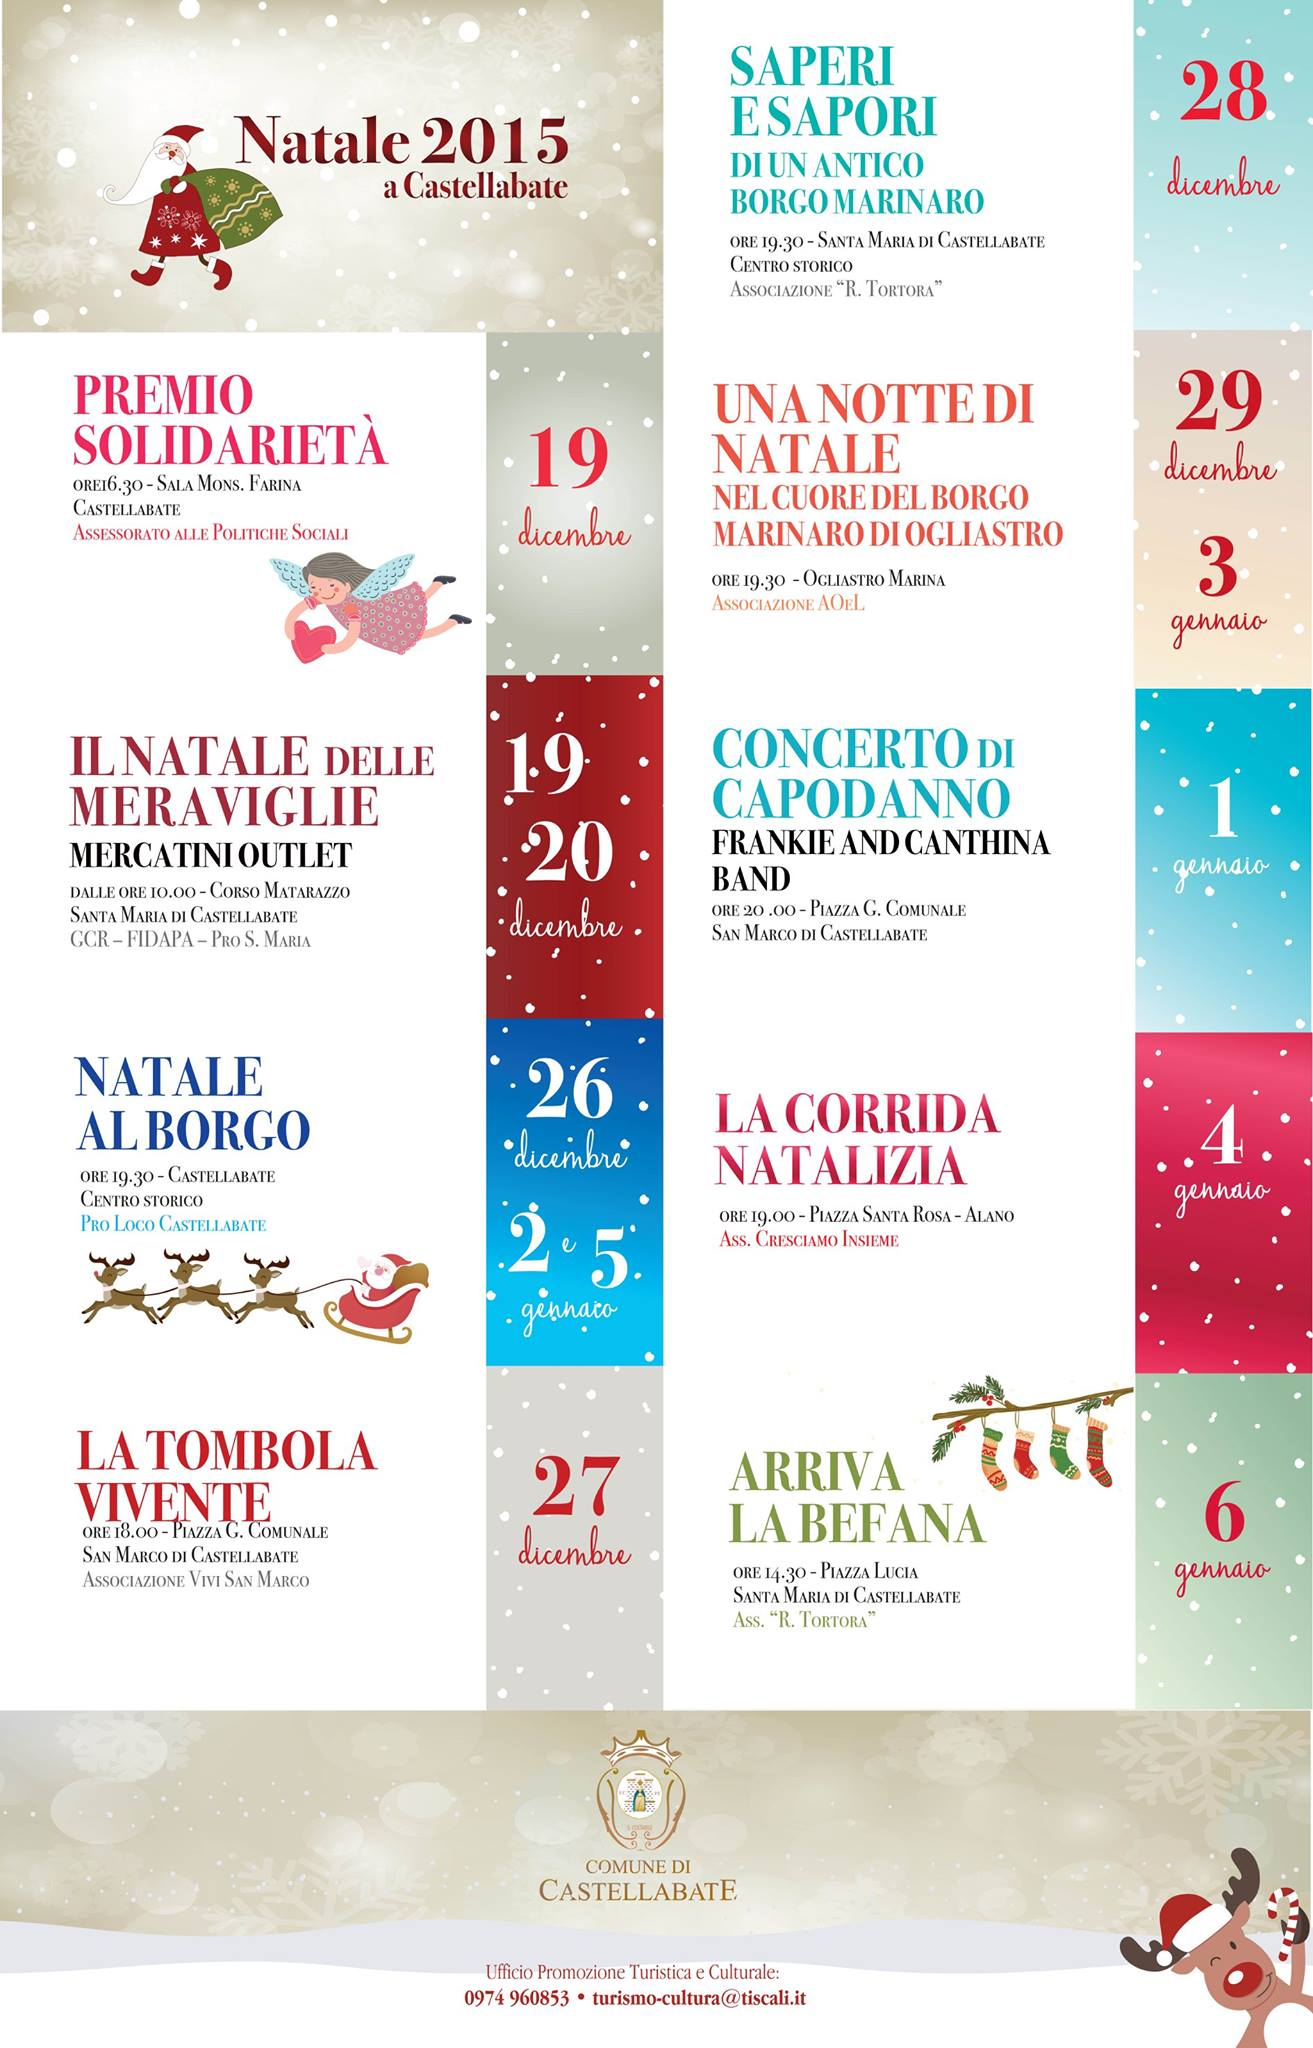 Natale 2015 a Castellabate